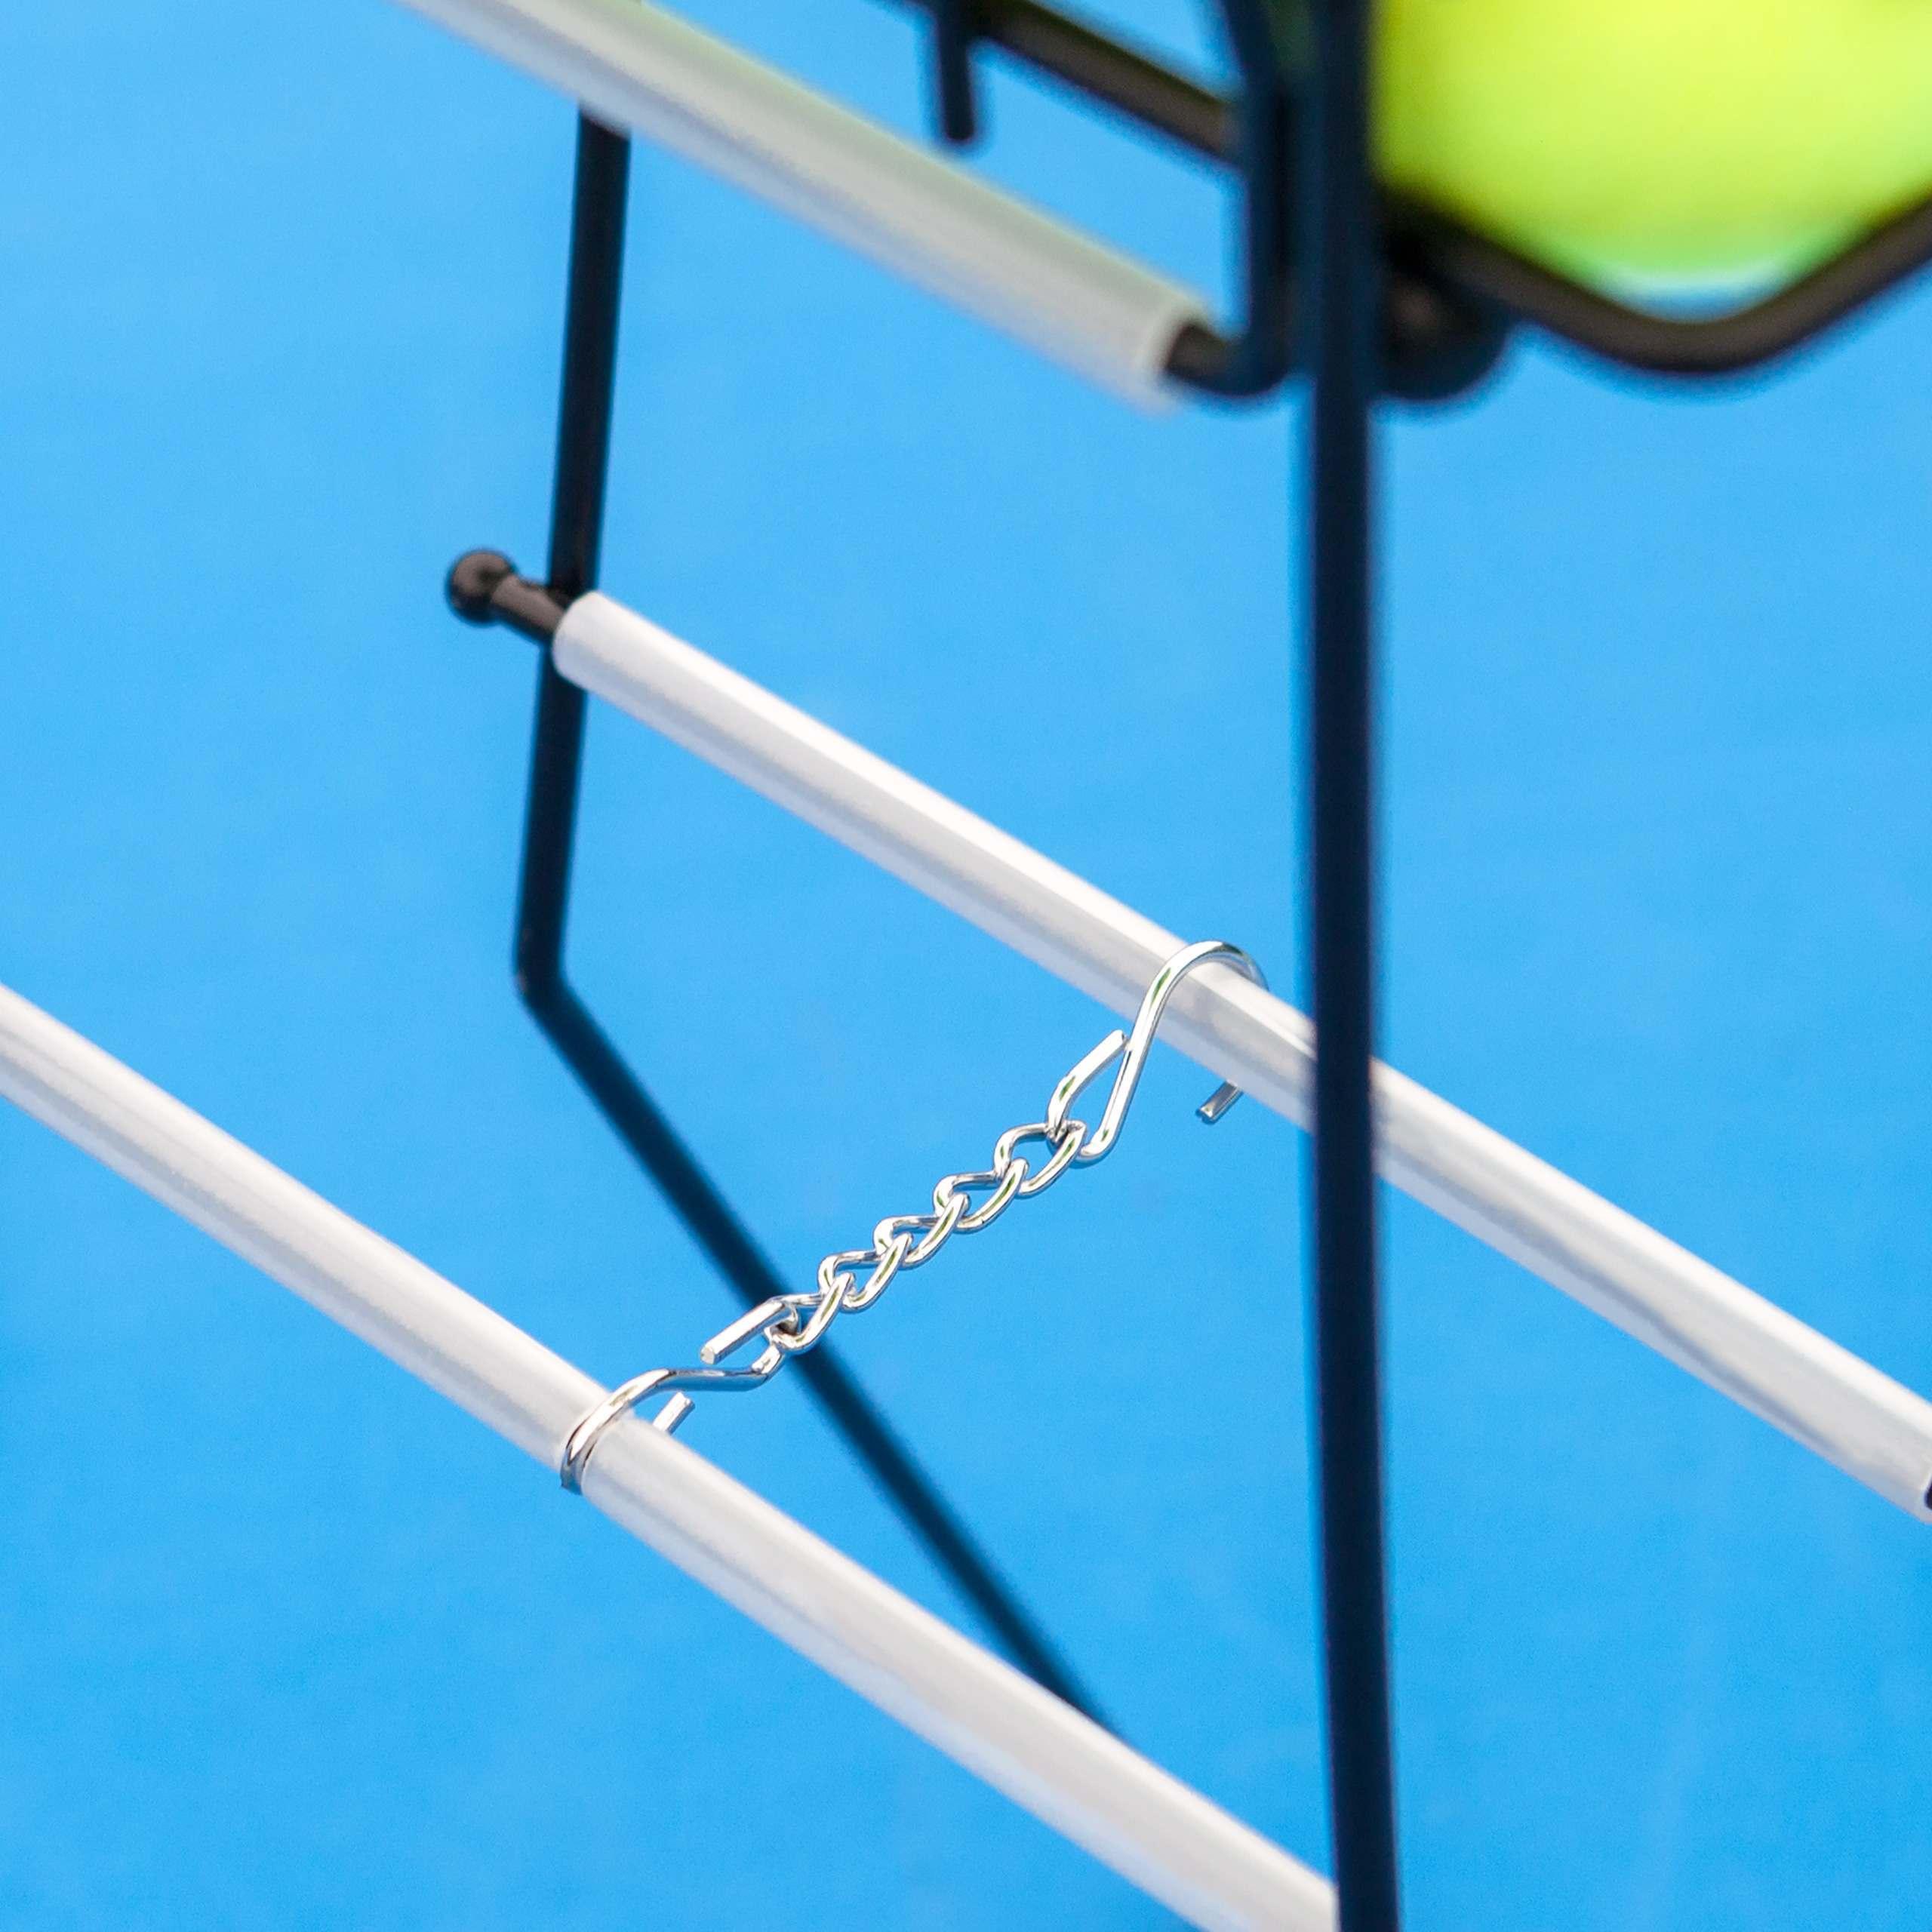 Récipient de Balles de Tennis avec Système de Verrouillage